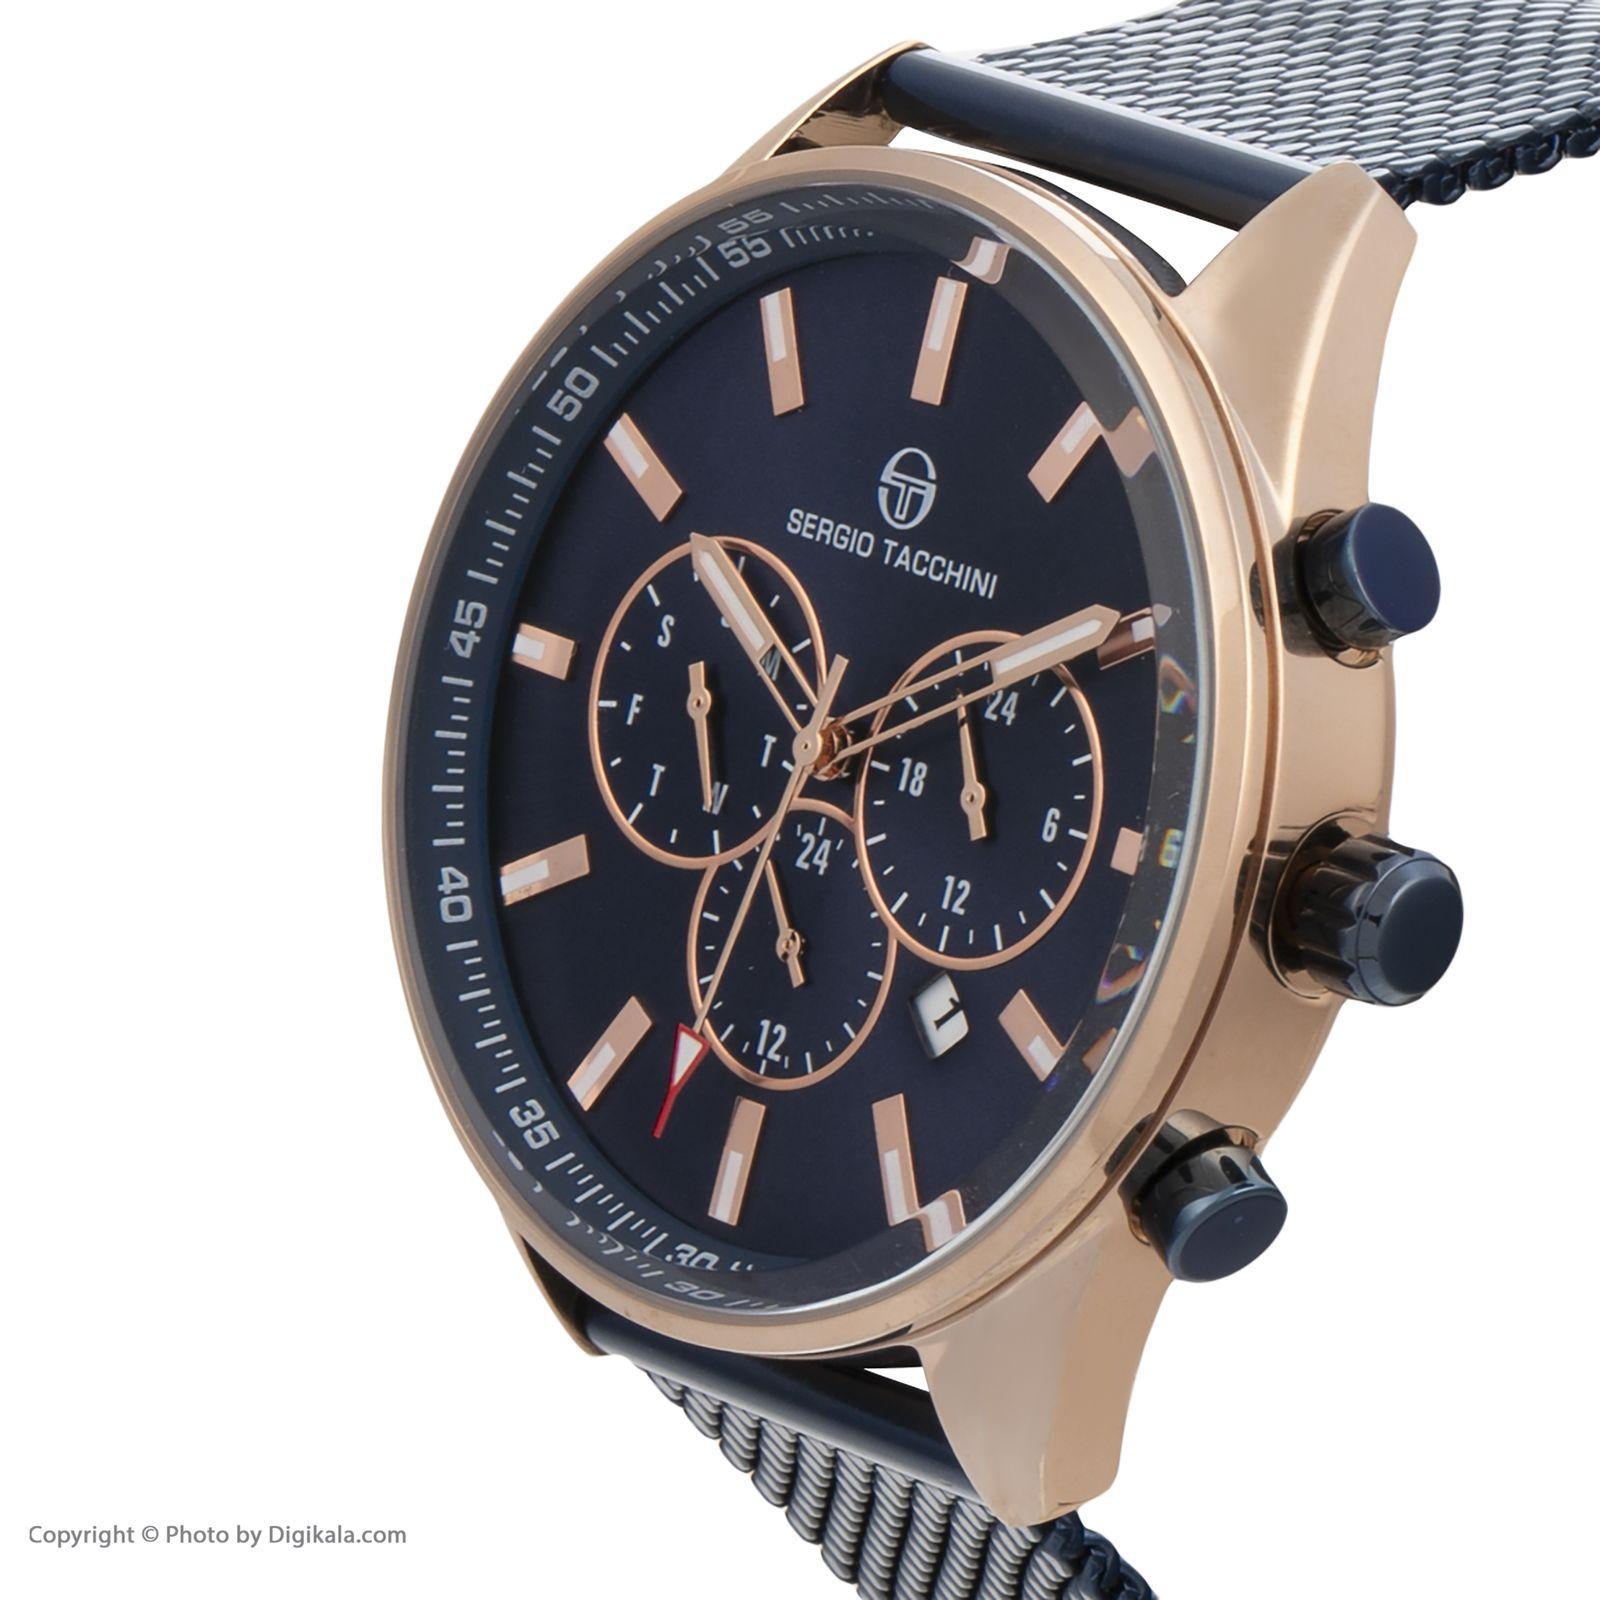 ساعت مچی عقربه ای مردانه سرجیو تاچینی مدل ST.8.131.01 -  - 3